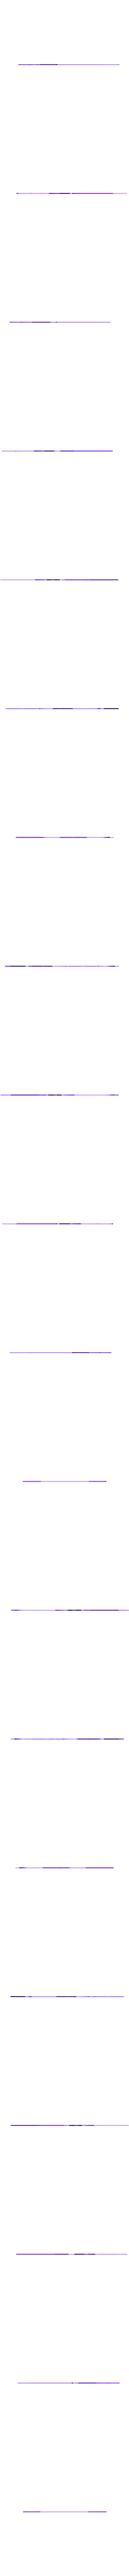 custodes_icon.stl Télécharger fichier STL gratuit icône de custodes warhammer 40k • Objet pour impression 3D, Lance_Greene